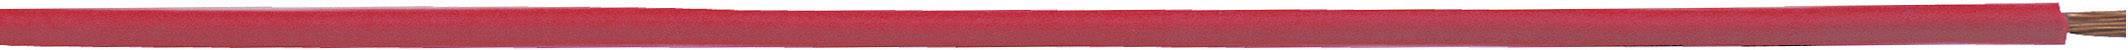 Opletenie / lanko LappKabel 4510072S H05V-K, 1 x 0.75 mm², vonkajší Ø 2.70 mm, 250 m, fialová